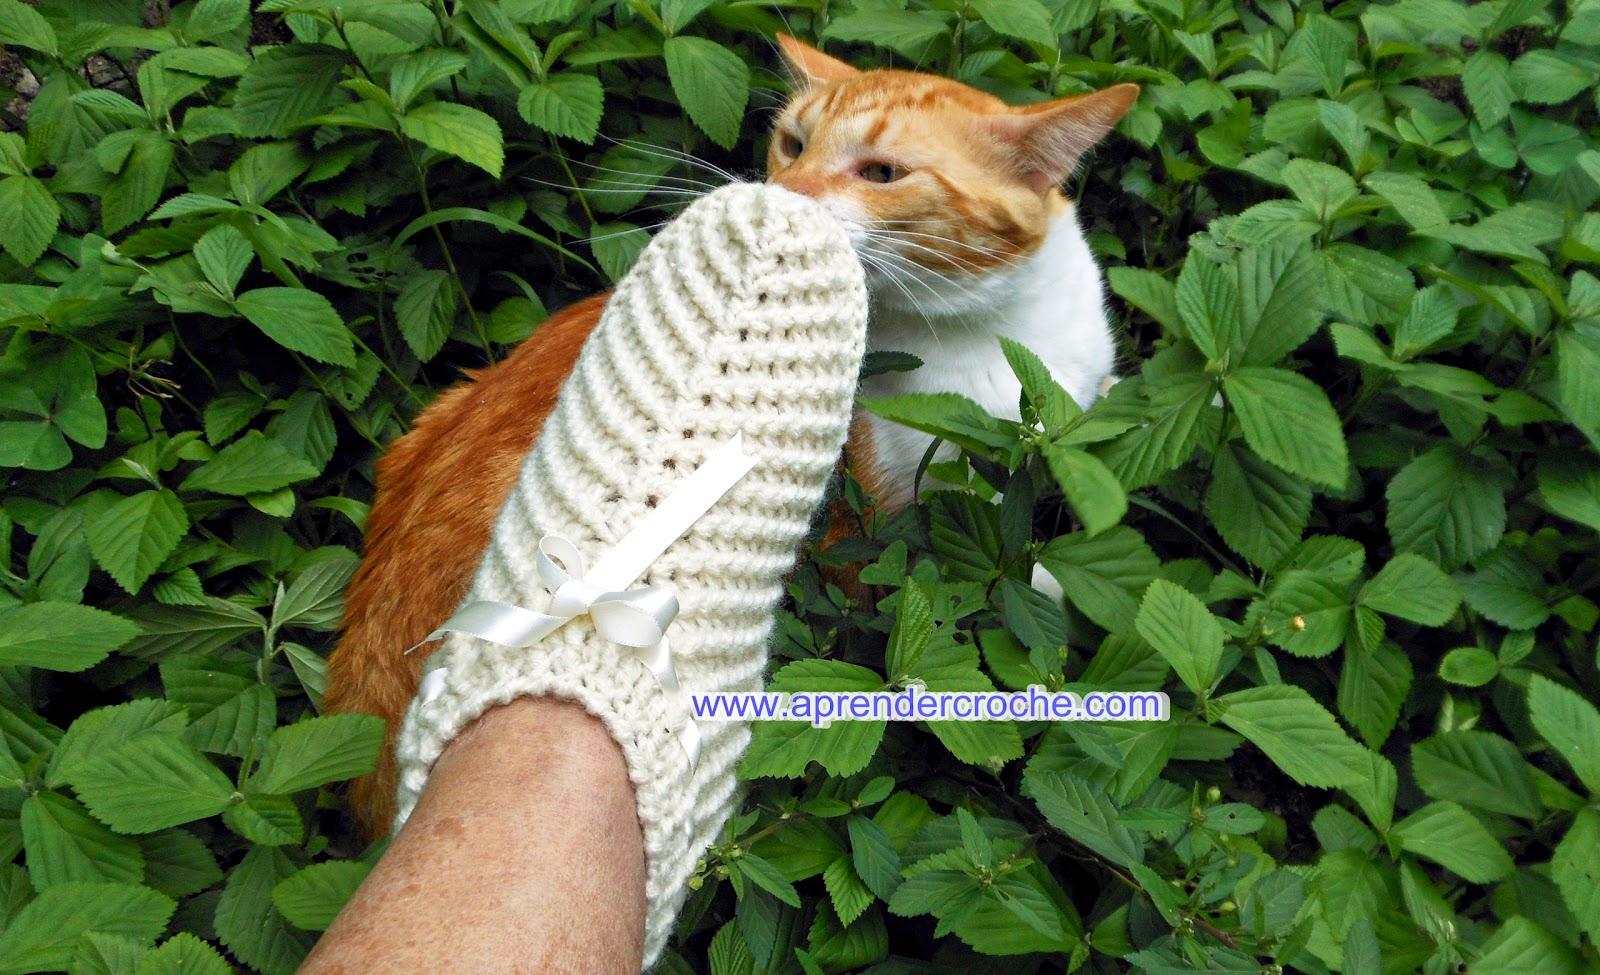 aprender croche pantufas mostra gatos Judelau e Jeremias cama pet para cães e gatos dvd loja curso de croche edinir-croche